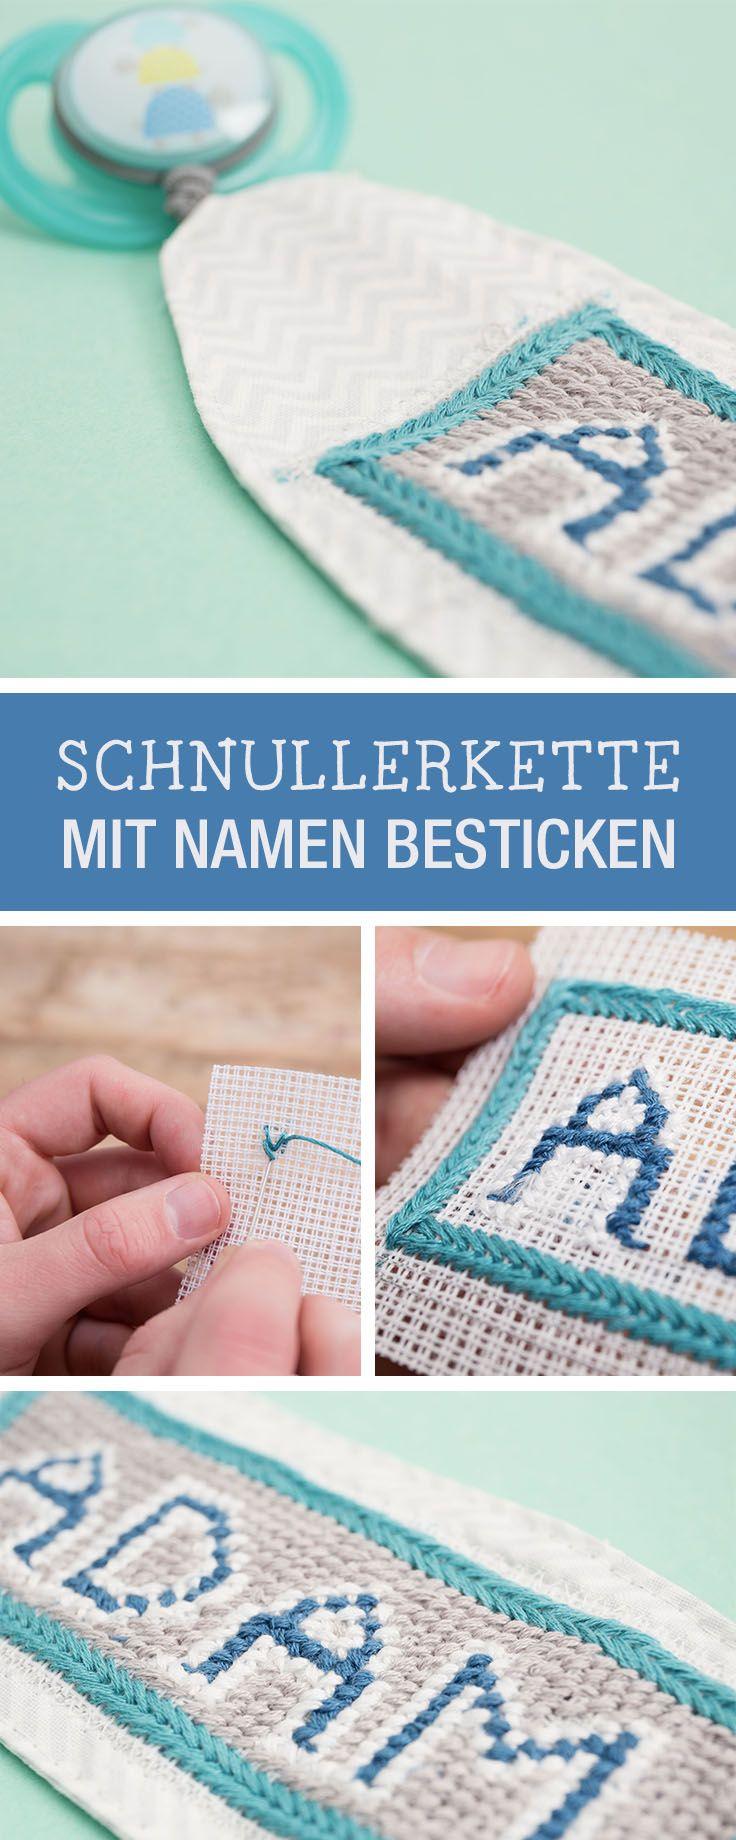 Stickanleitung: Wir zeigen Dir, wie Du eine Schnullerkette mit Namen bestickst / stitching tutorial: how to stitch a name on a dummy chain via DaWanda.com